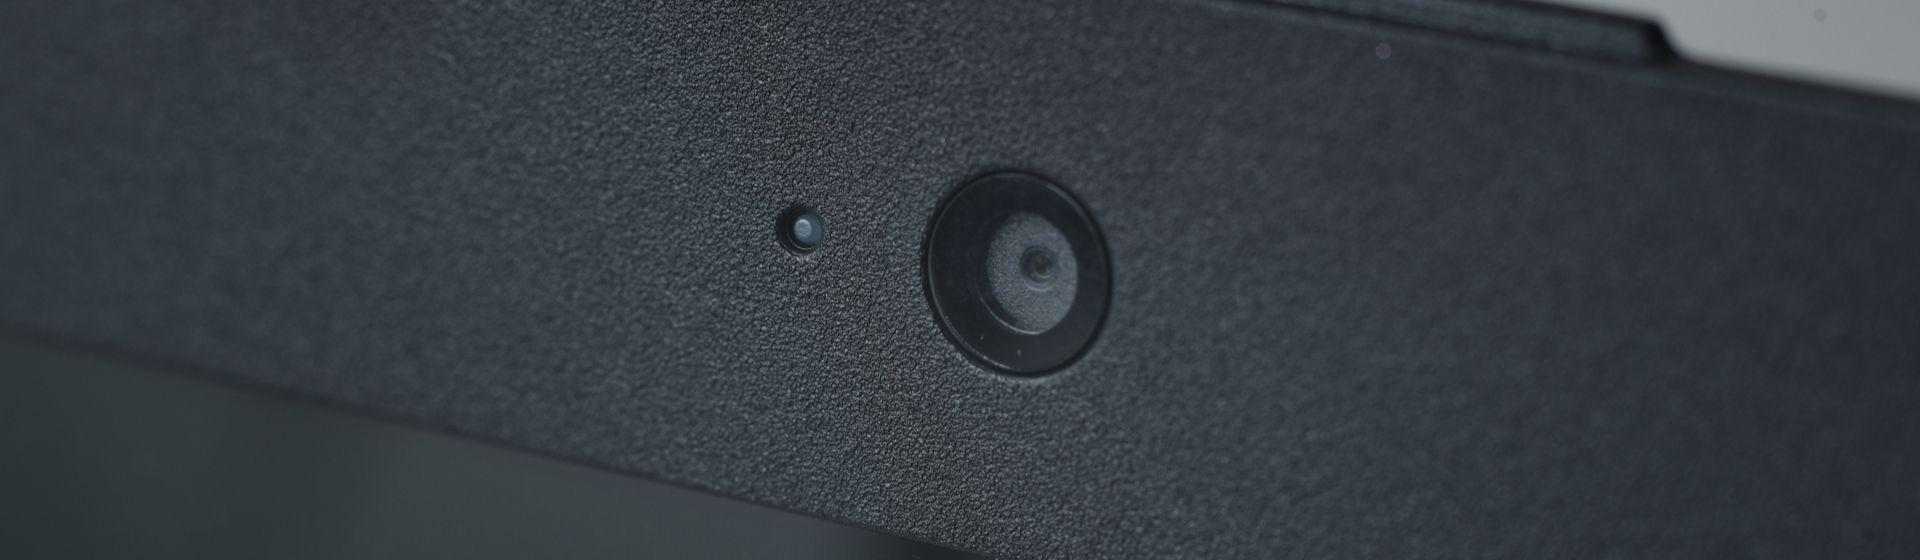 Como ativar a câmera do notebook? Veja o tutorial para ligar a webcam